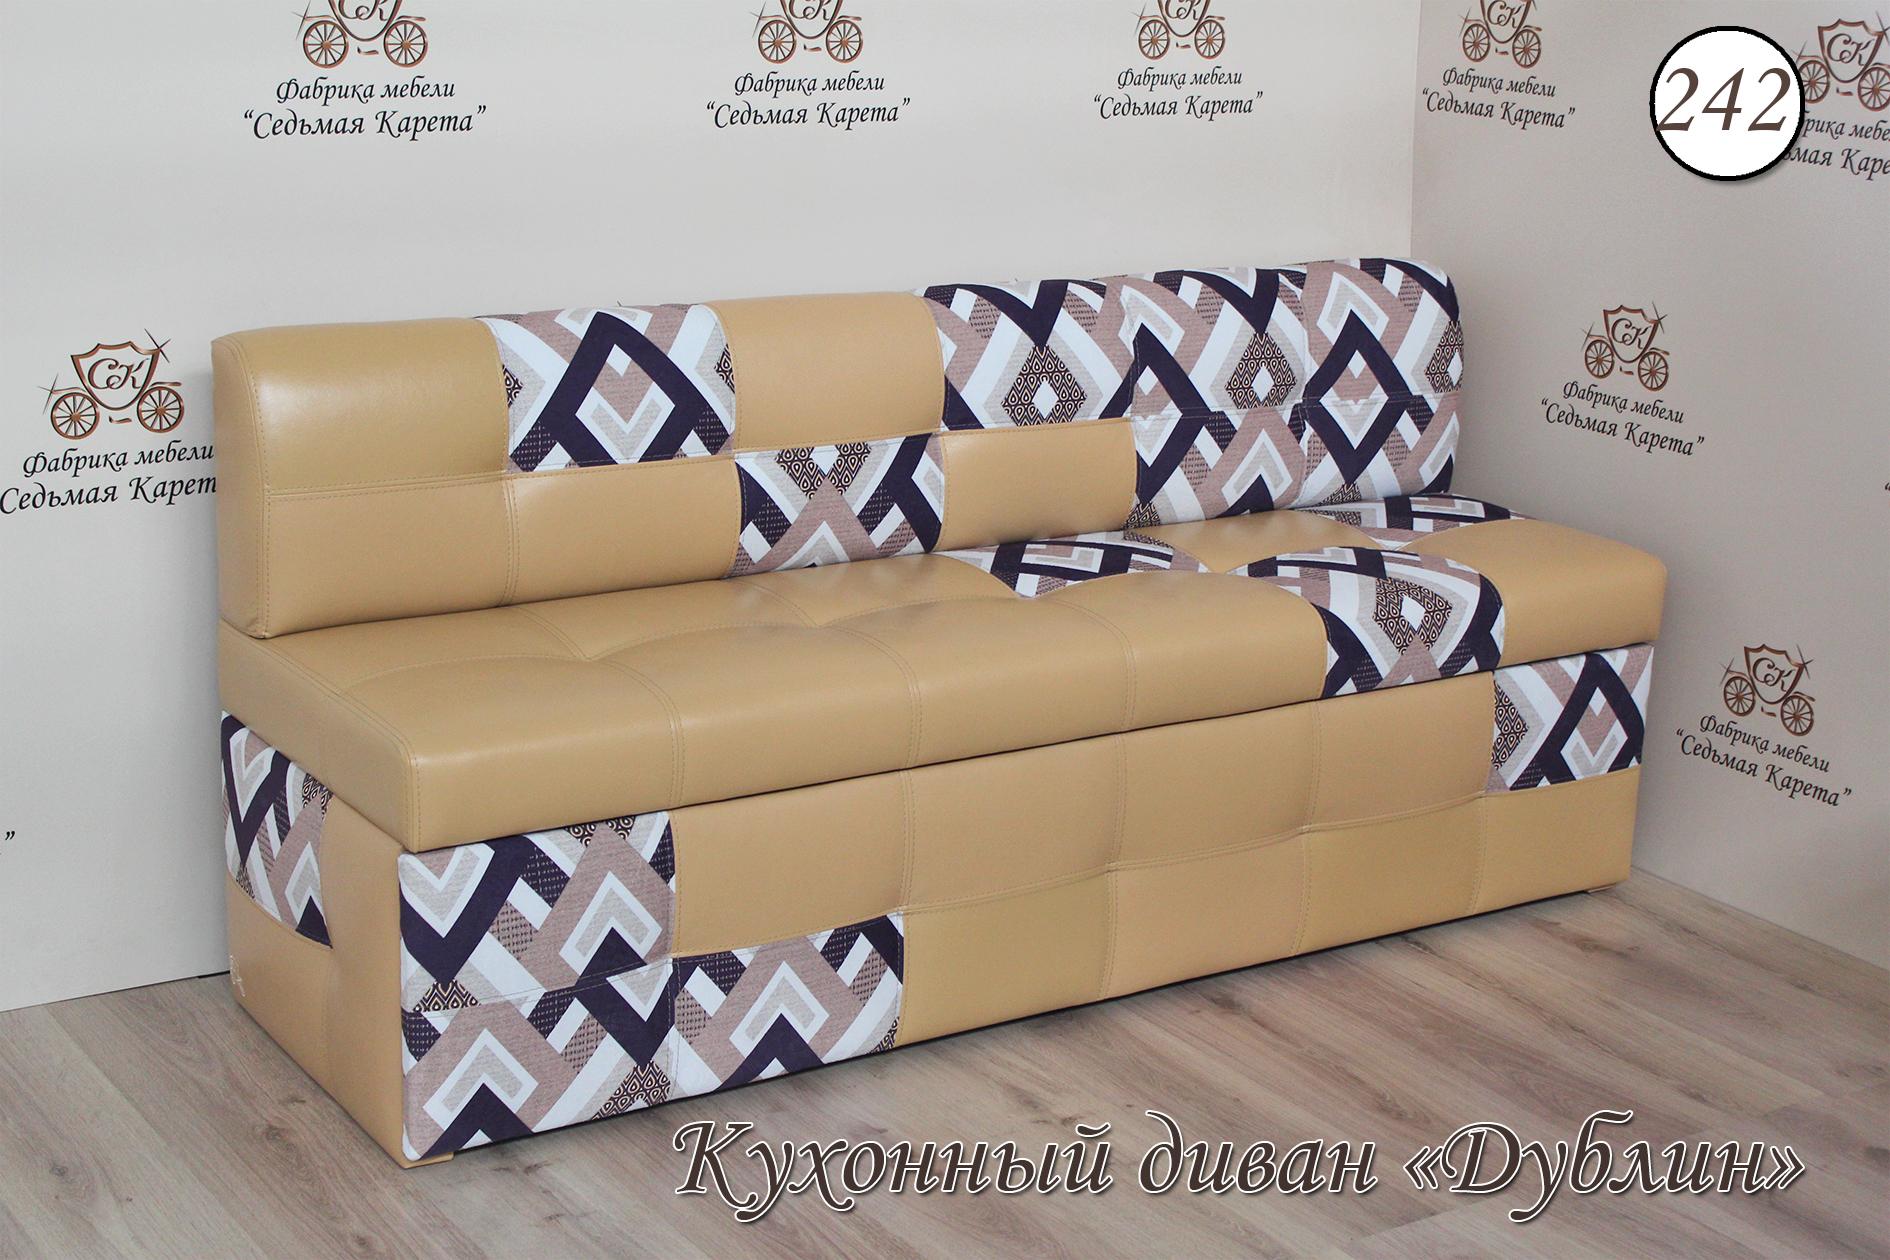 Кухонный диван Дублин-242